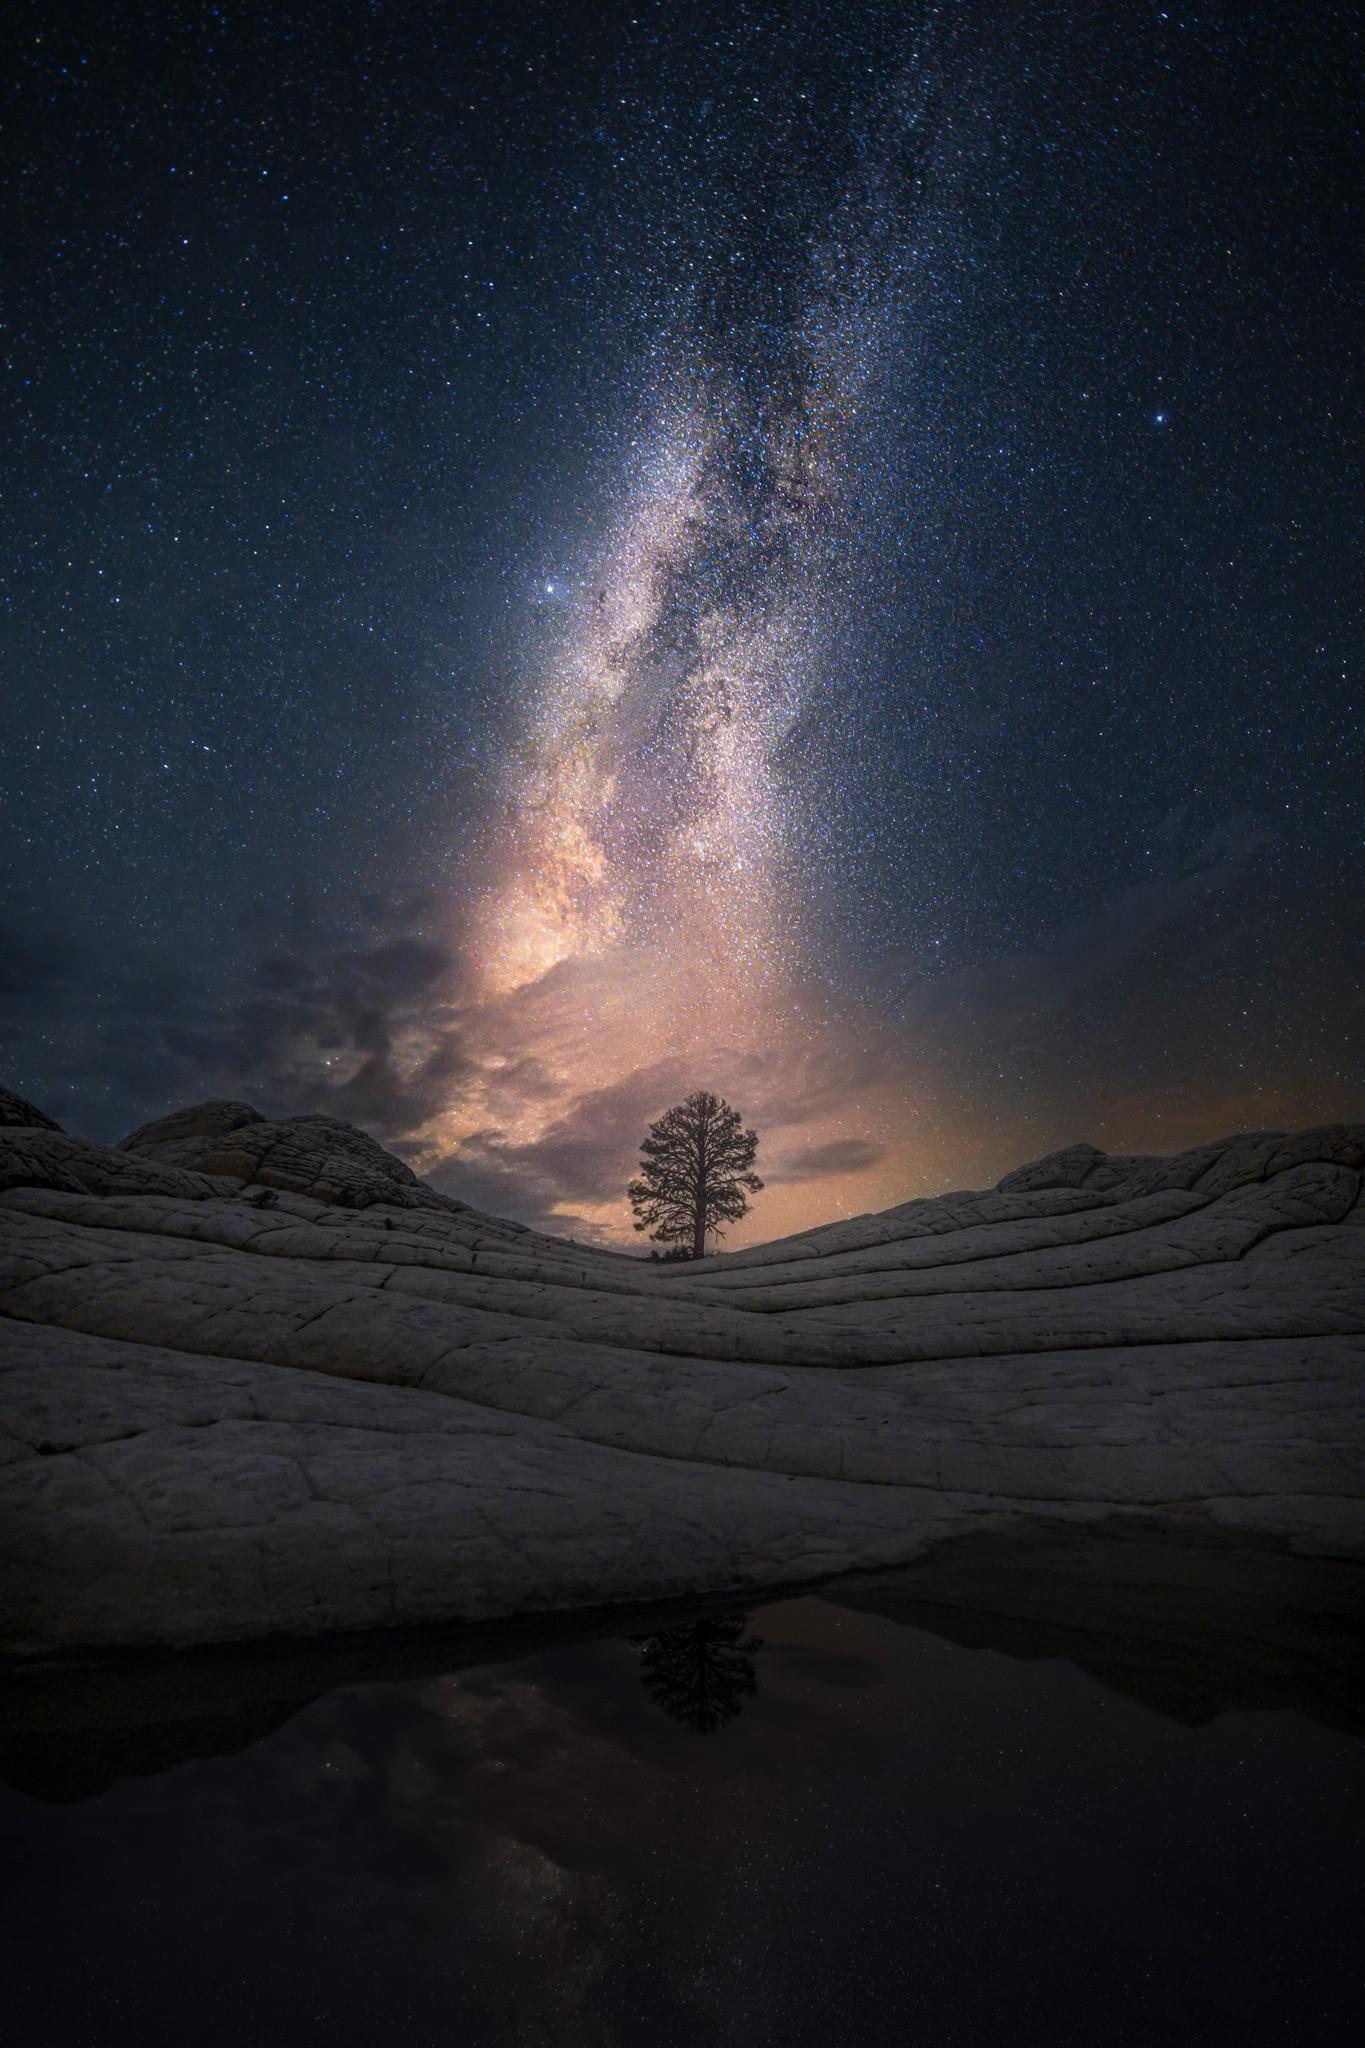 """Astrophotographie White Pocket - Image illustrant l'article """"Astrophotographie : comment photographier les étoiles ?"""" - Apprendre la photo avec le blog La Photo clic par clic"""